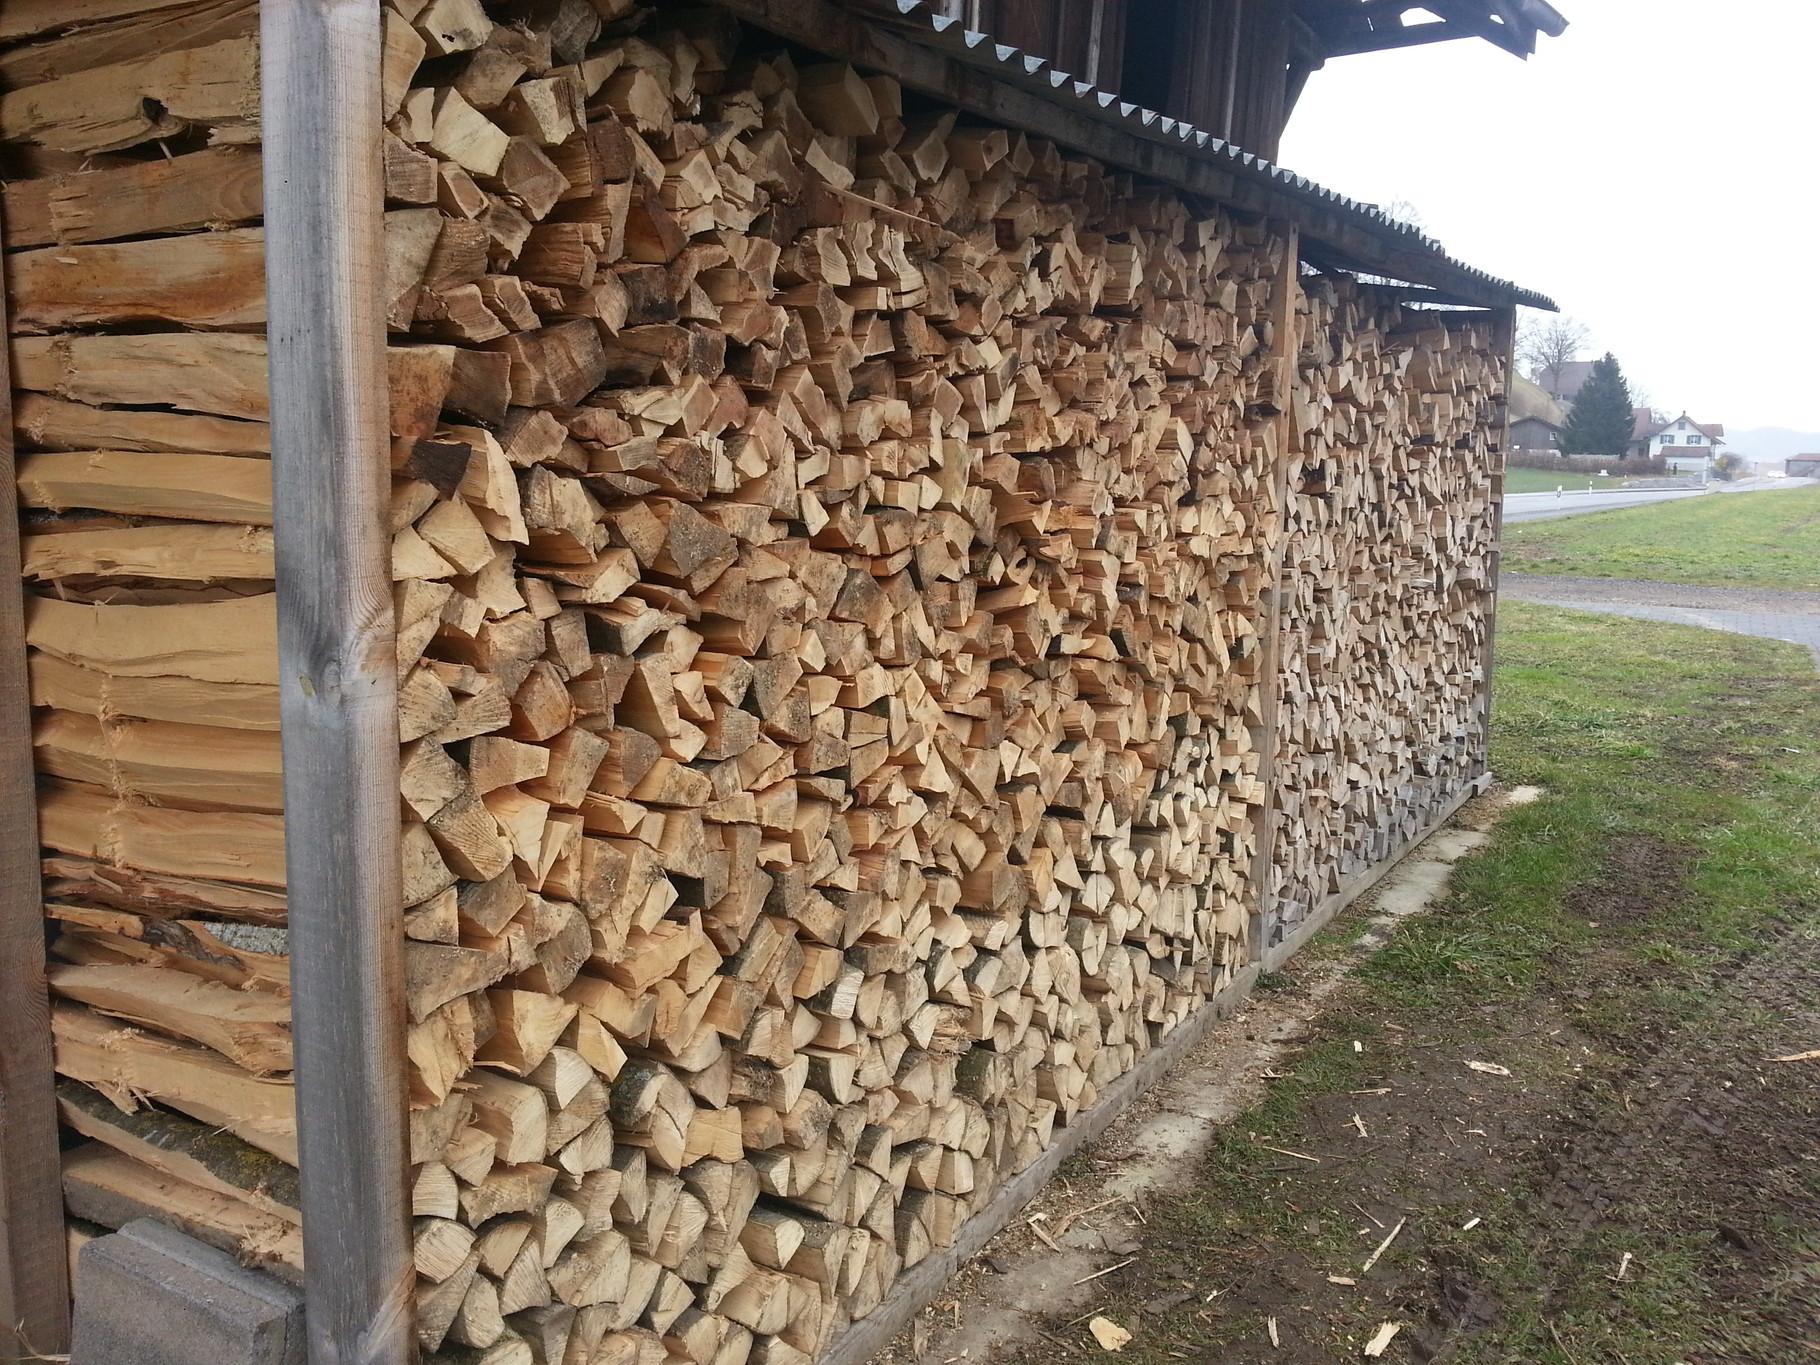 brennholz luzern g nstig kaufen brennholz luzern